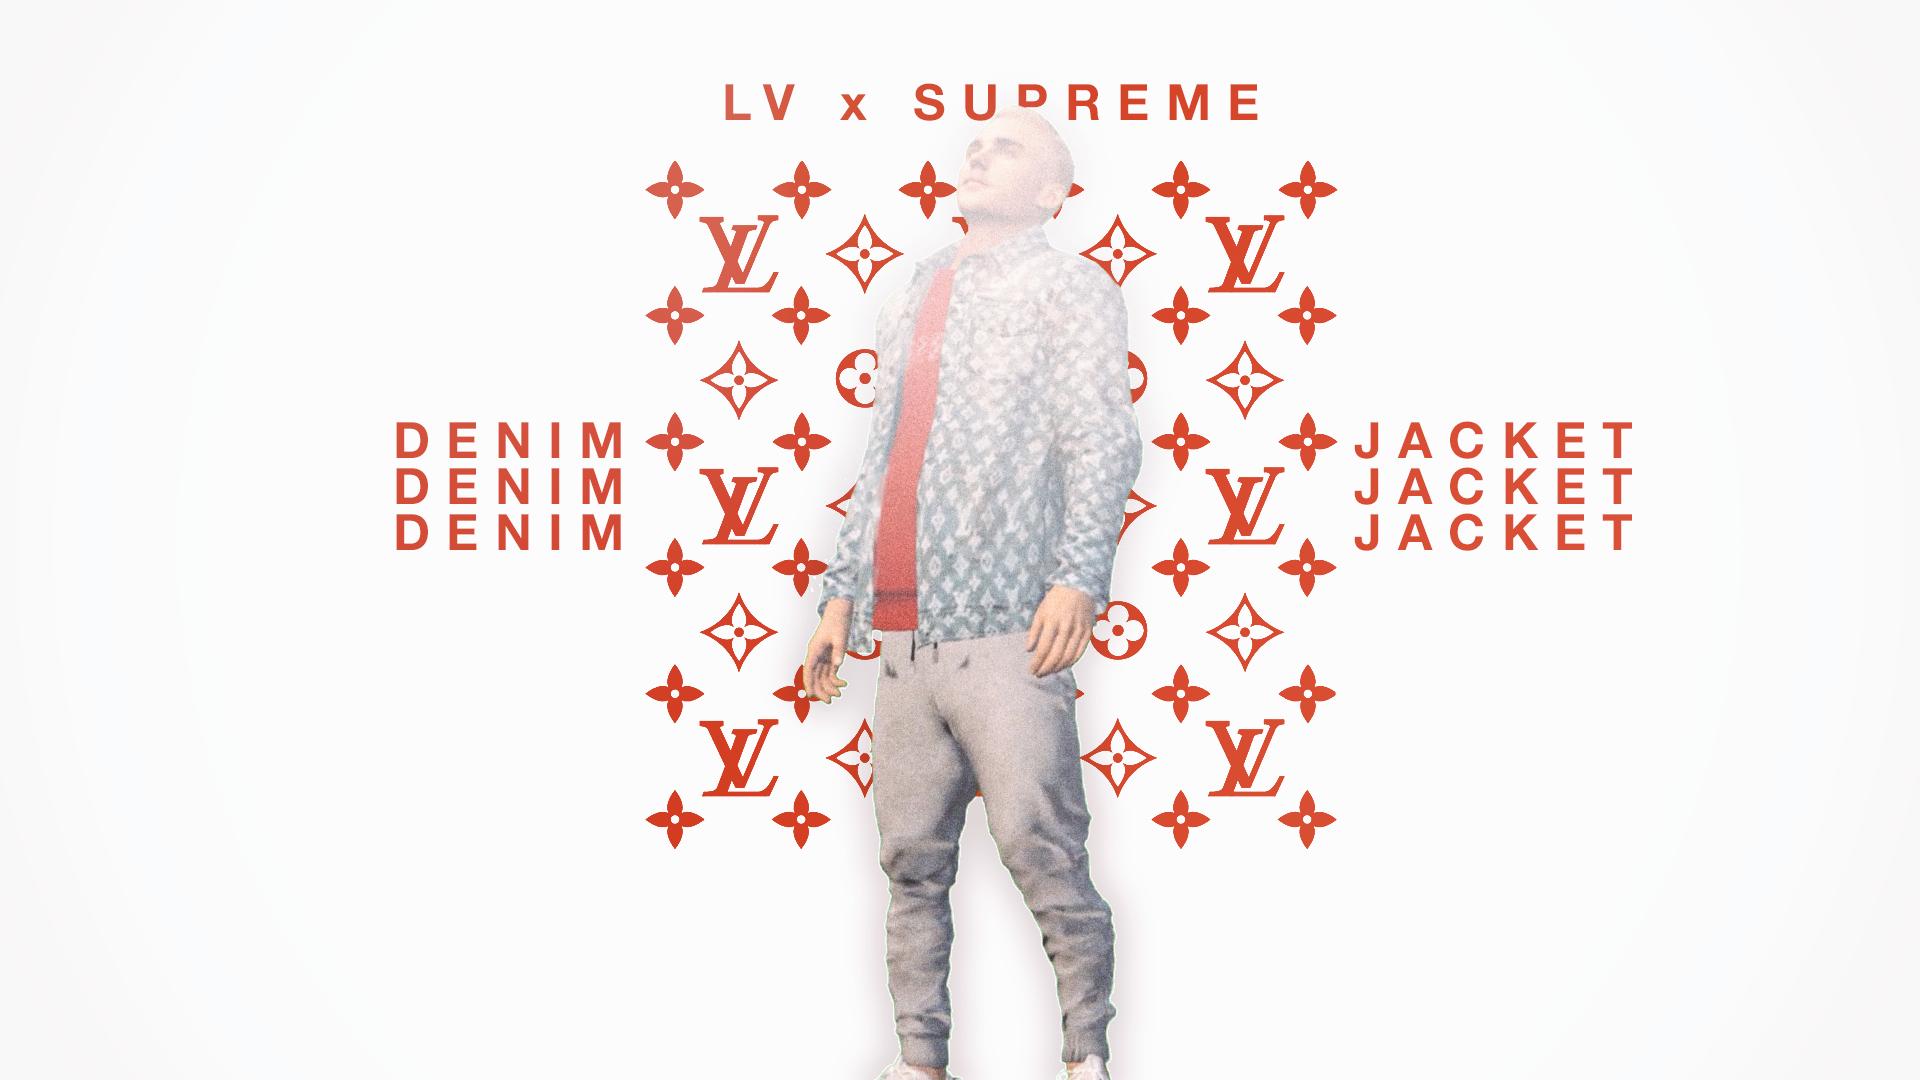 supreme wallpaper: Black Lv X Supreme Wallpaper